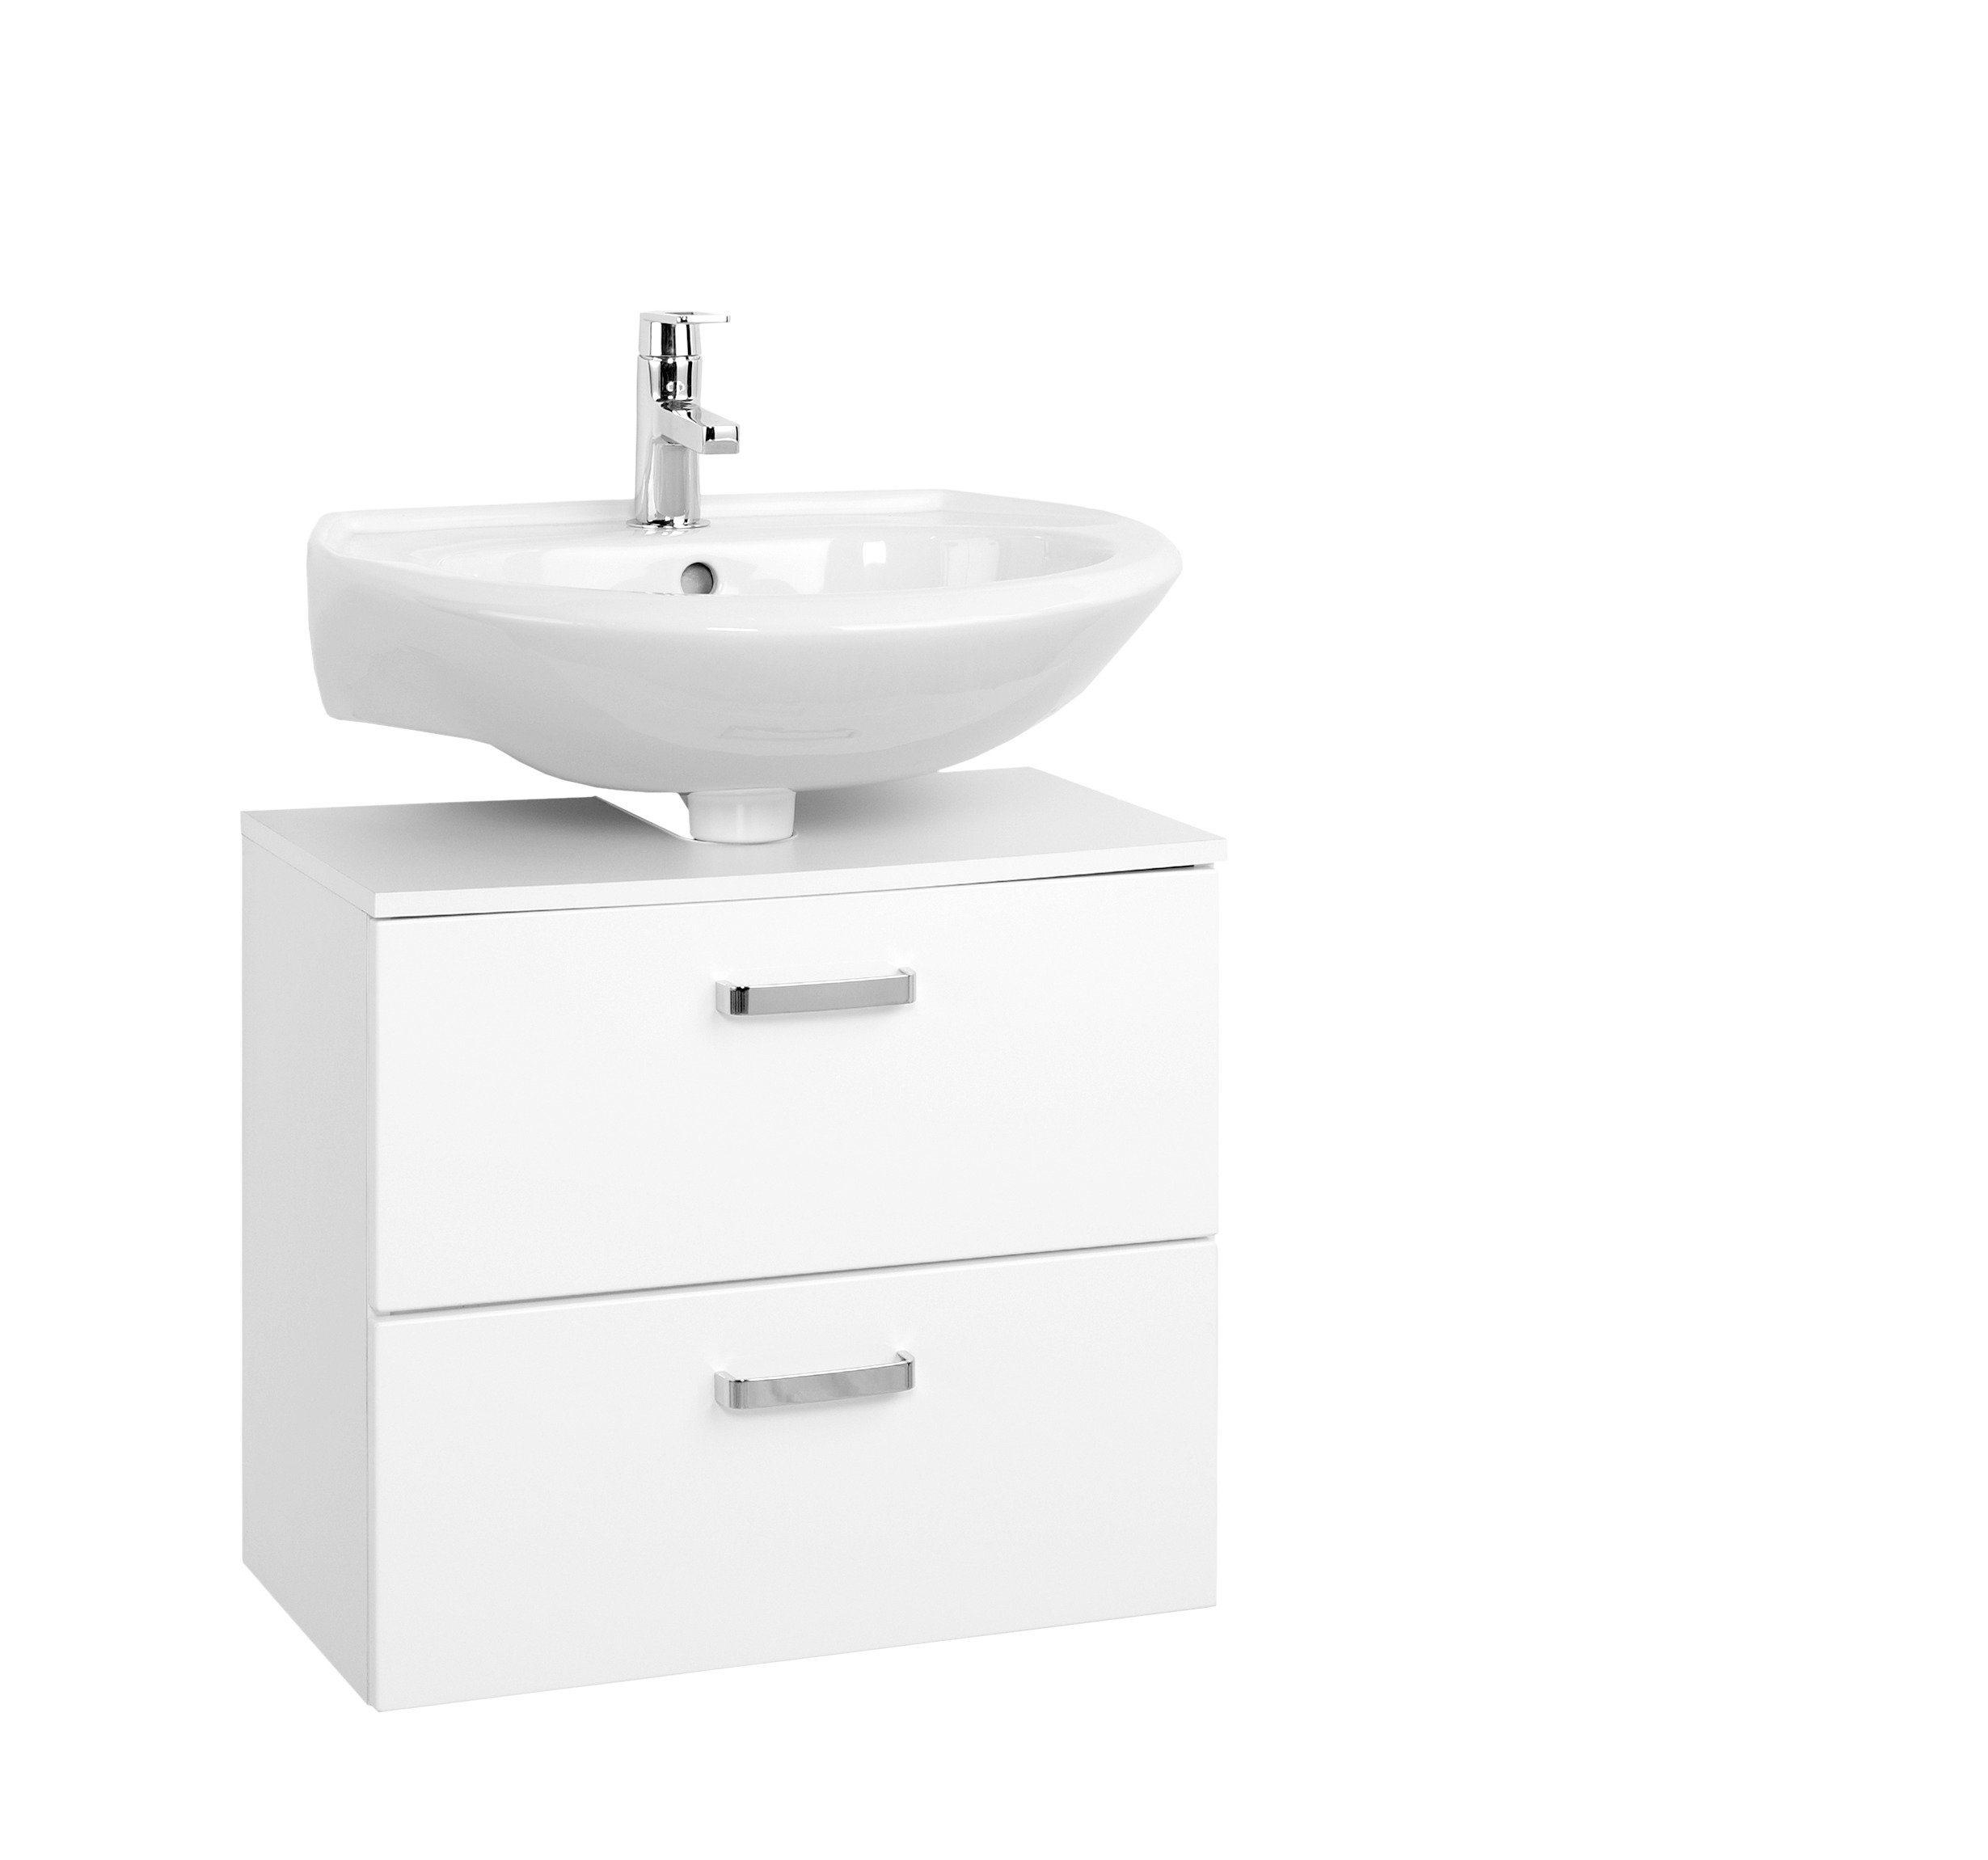 Held Möbel Waschbeckenunterschrank, Breite 60 cm   Bad > Badmöbel > Waschbeckenunterschränke   HELD MÖBEL